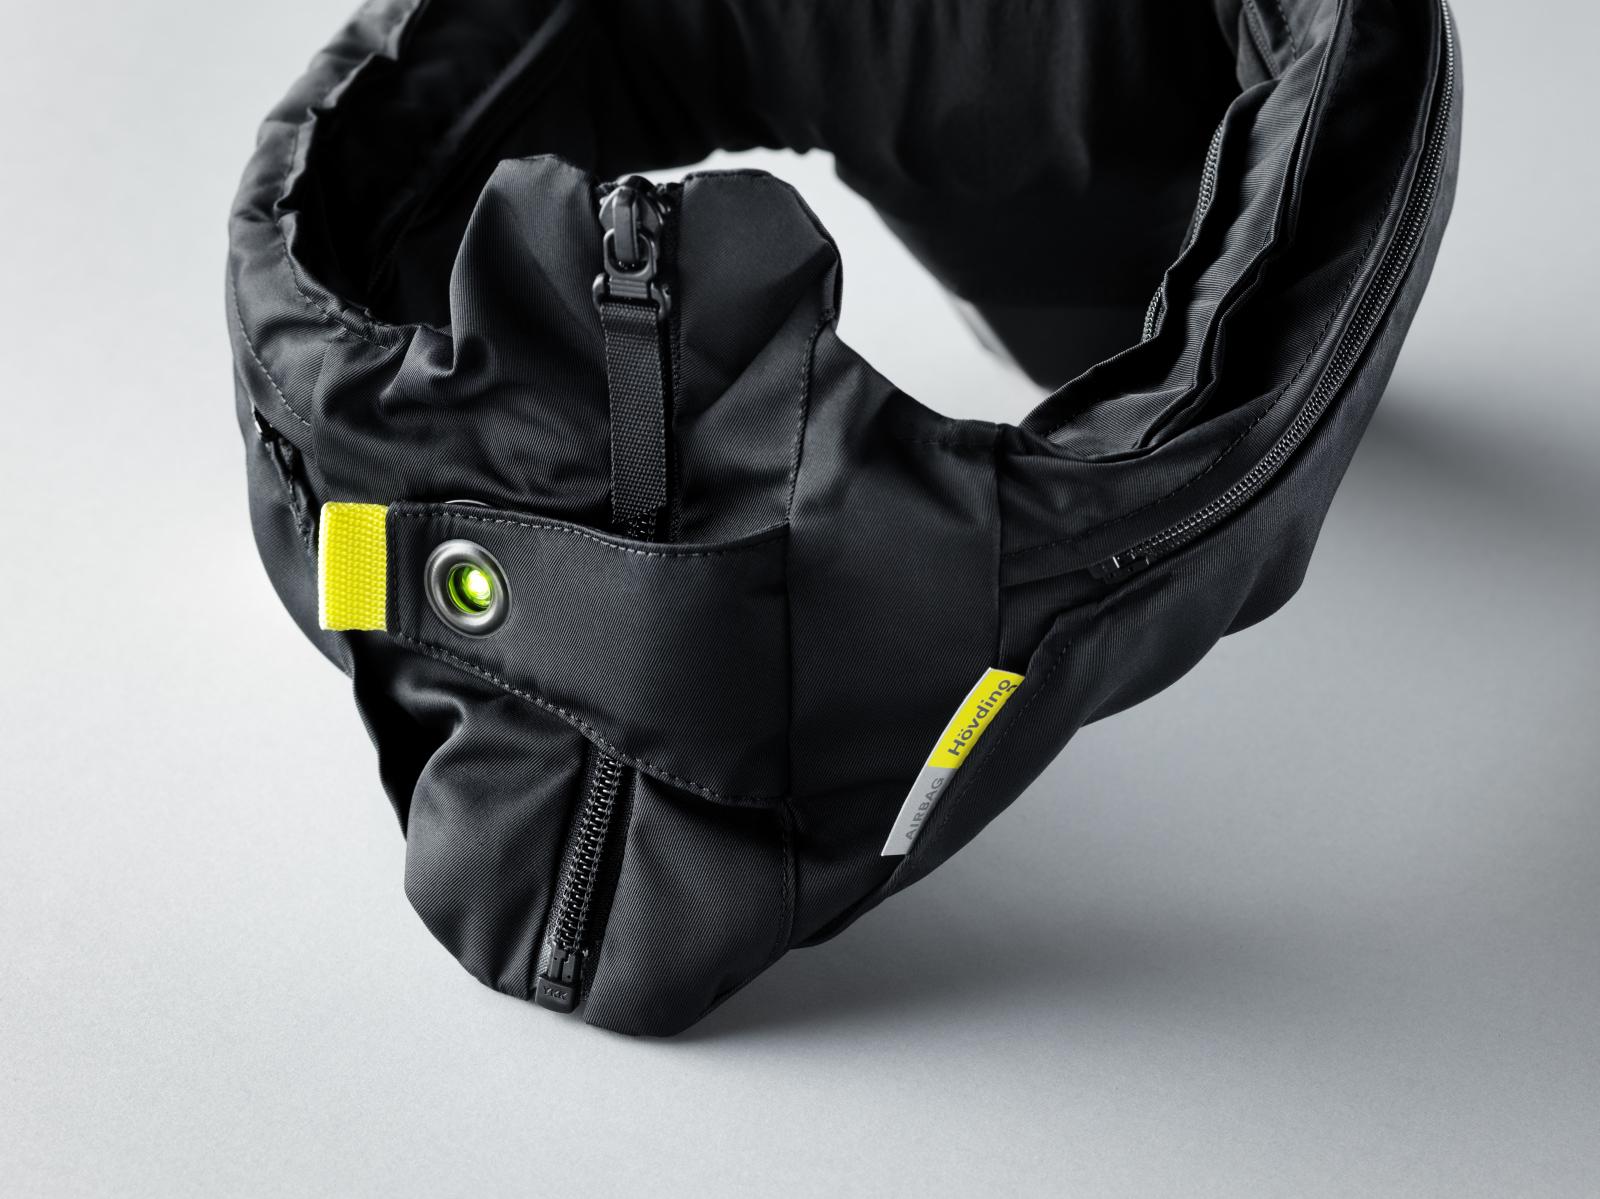 Aktivierter Hövding 3.0 Helm